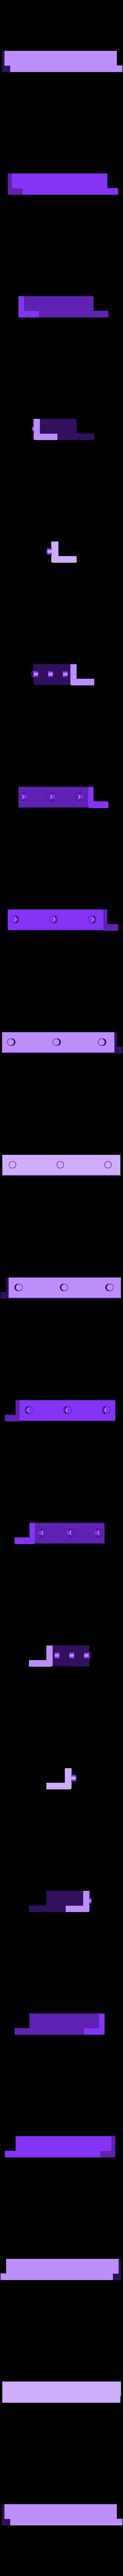 bord charrette gauche.STL Download free STL file charrette 2 roue • Object to 3D print, trixo416